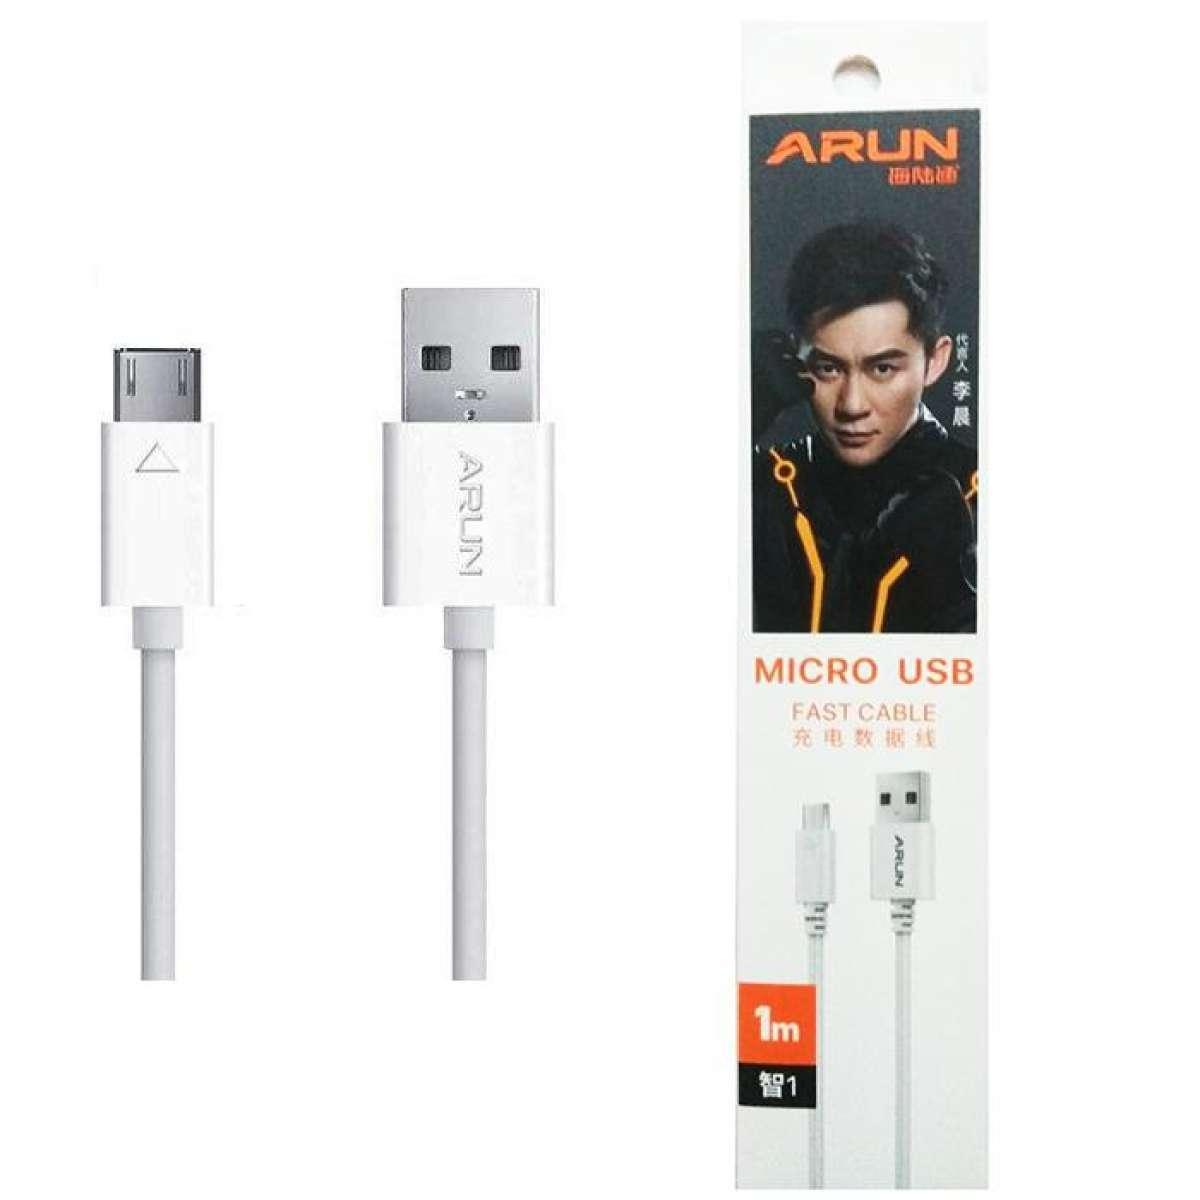 Giá Cáp sạc Arun Micro USB dành cho Các Dòng Android dài 1m_Dây Chính Hiệu Sạc Nhanh_ít Lỗi